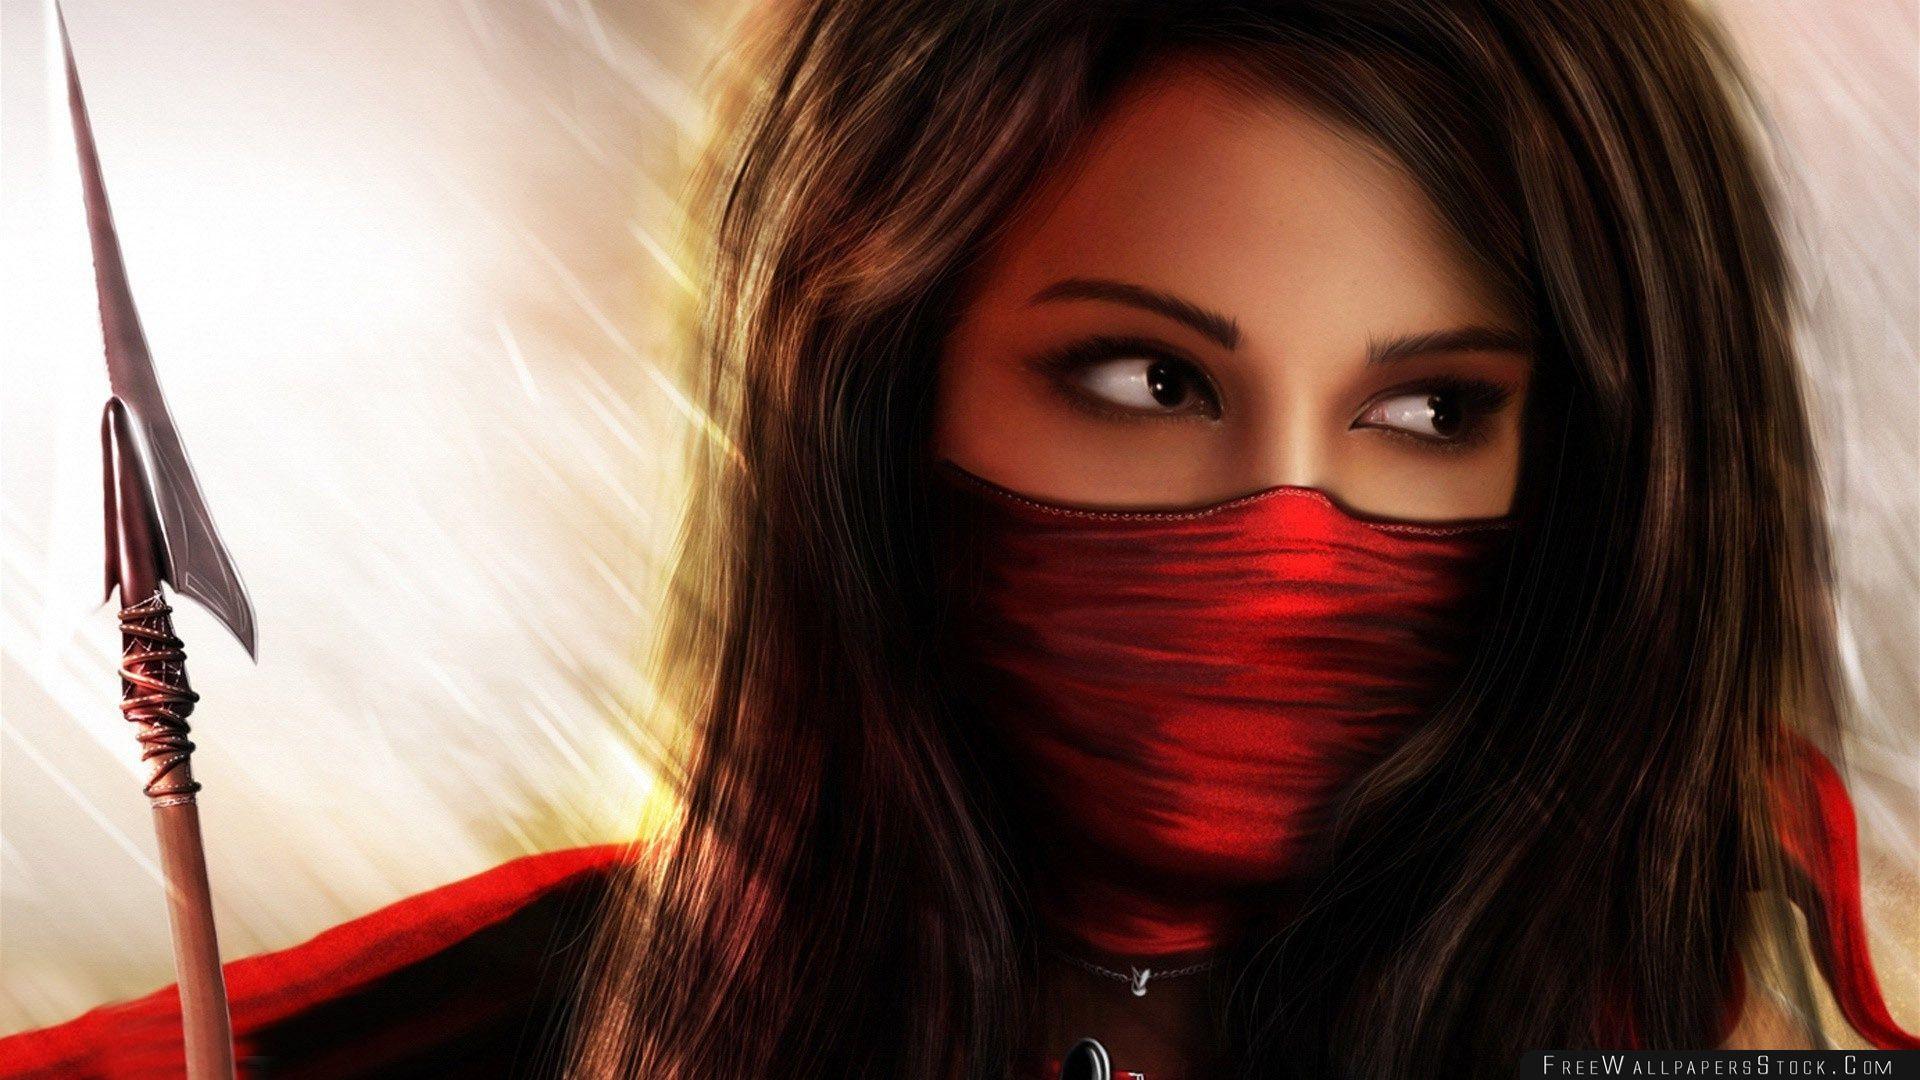 Download Free Wallpaper Ninja Girl Fantasy